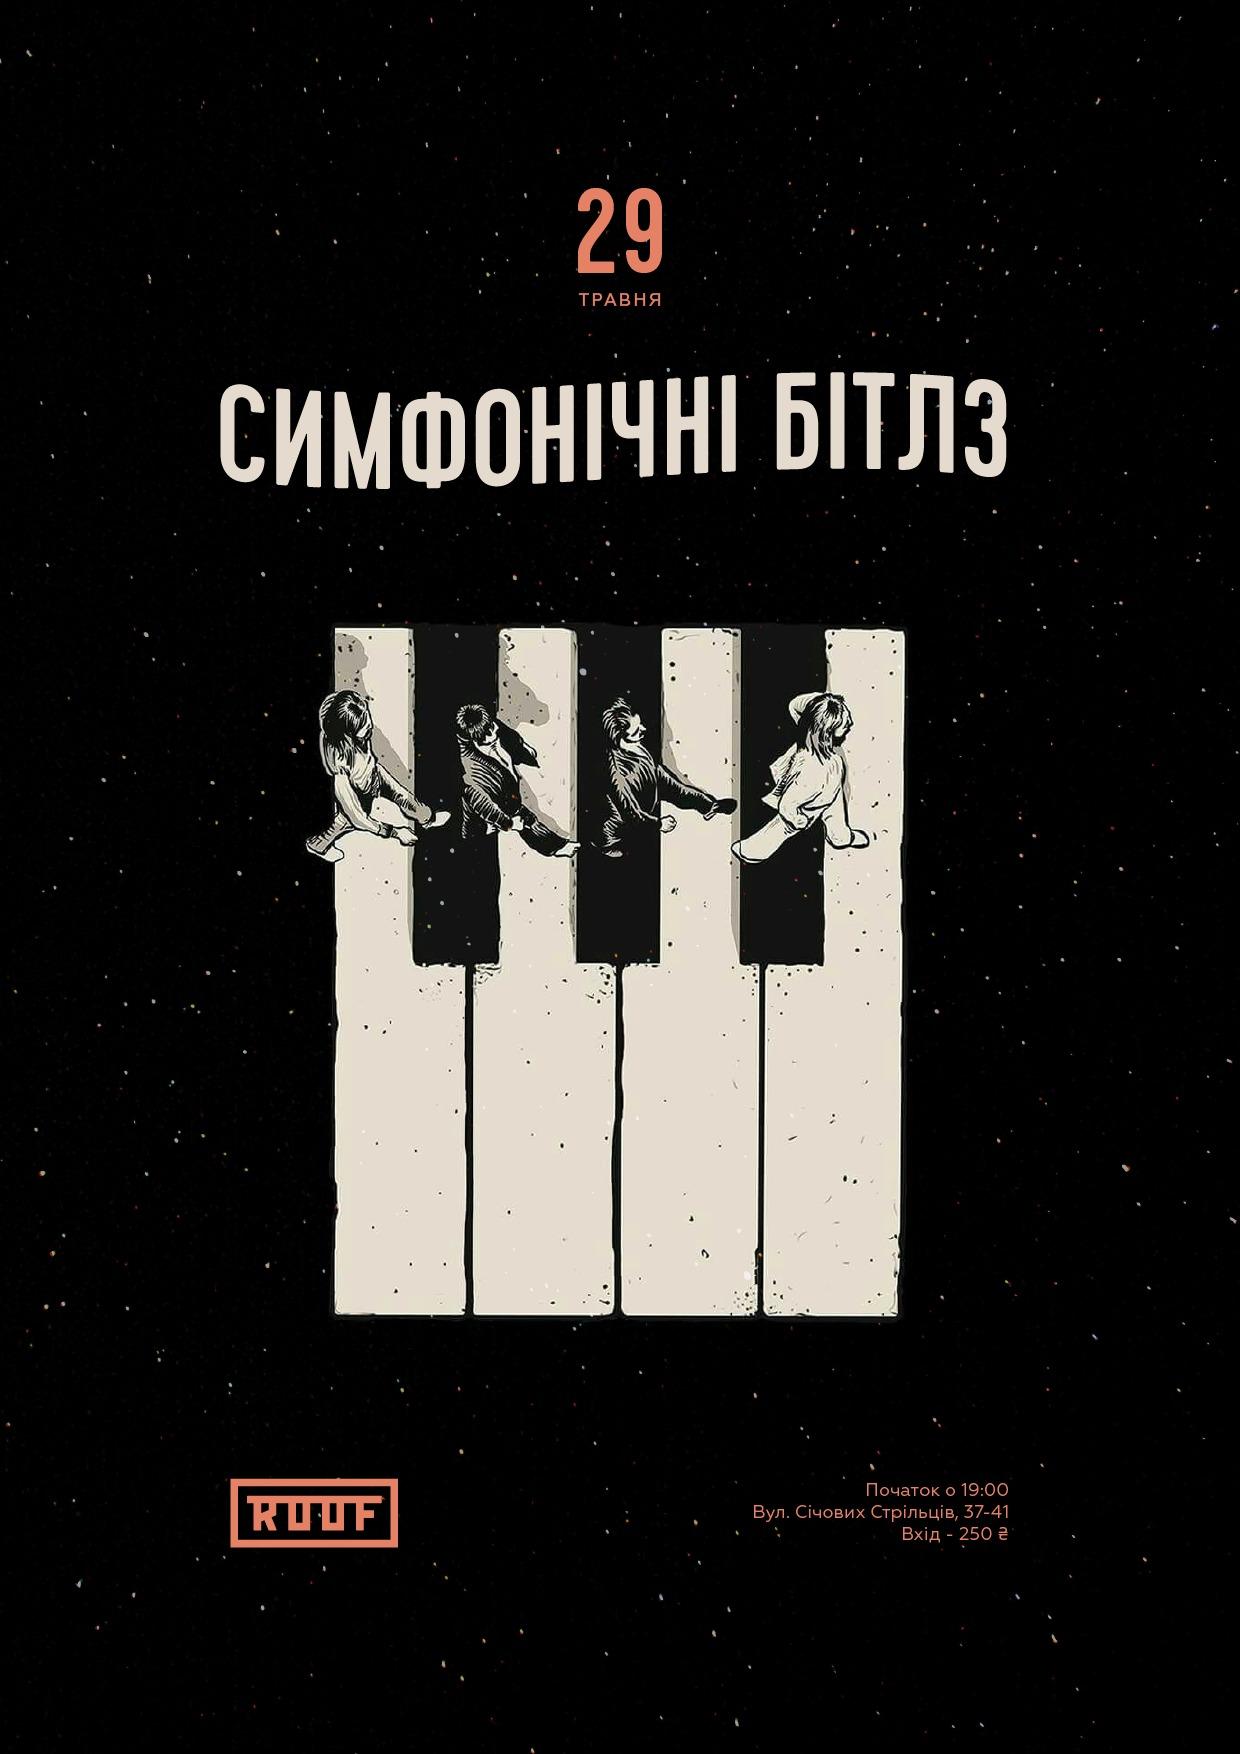 Симфонічні Бітлз